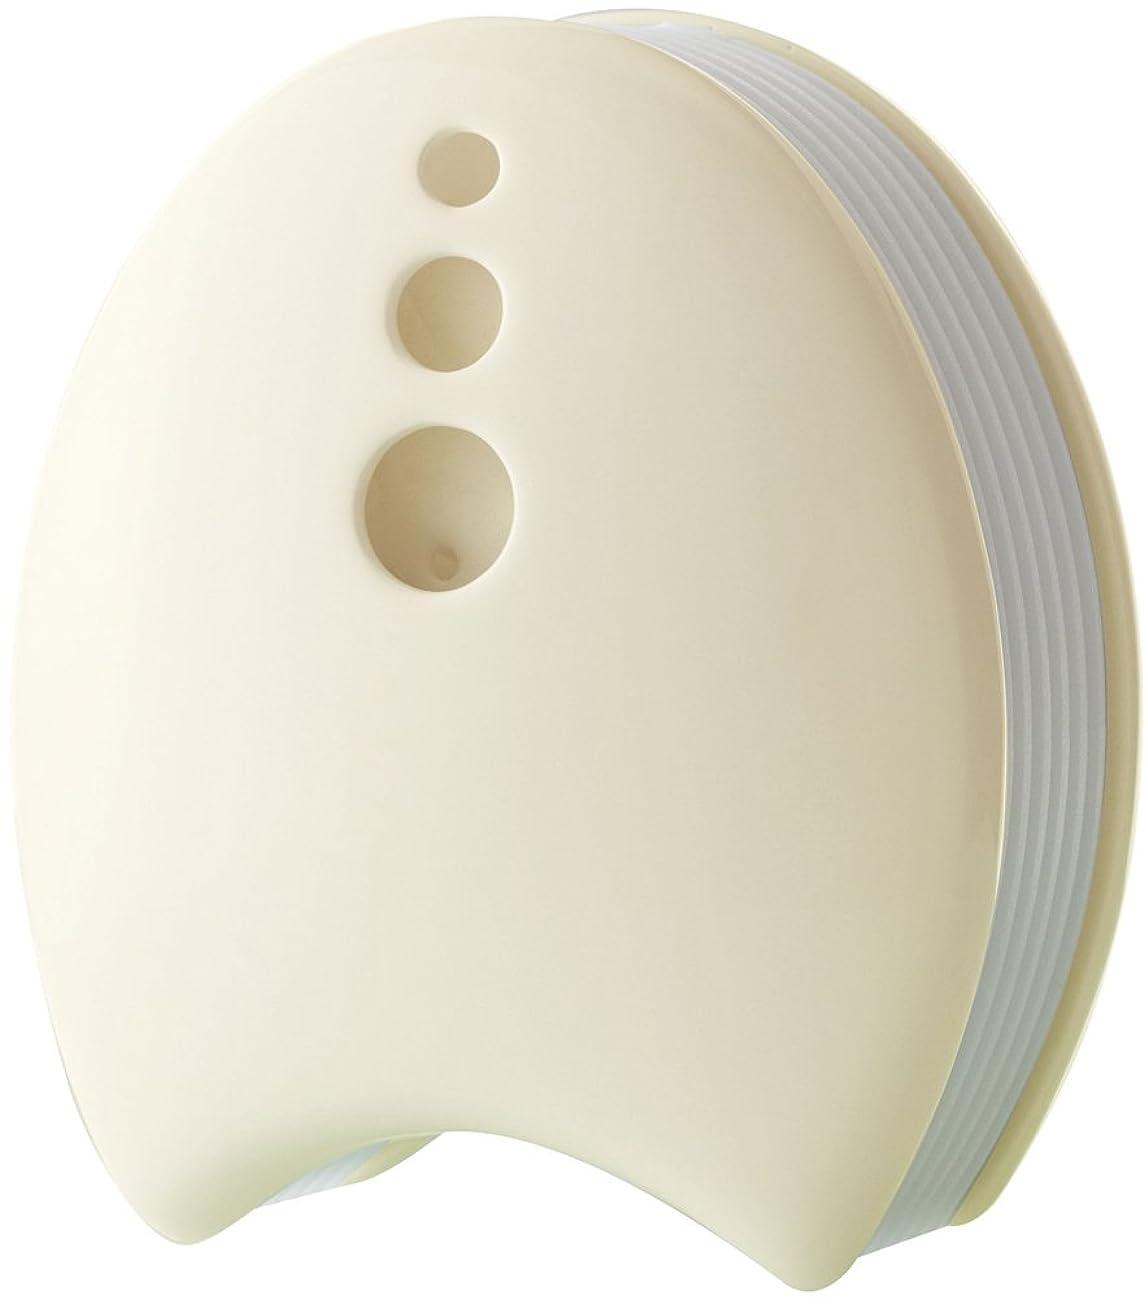 現実には信号エミュレートする陶器のアロマブリーズ 瀬戸焼 ベージュ